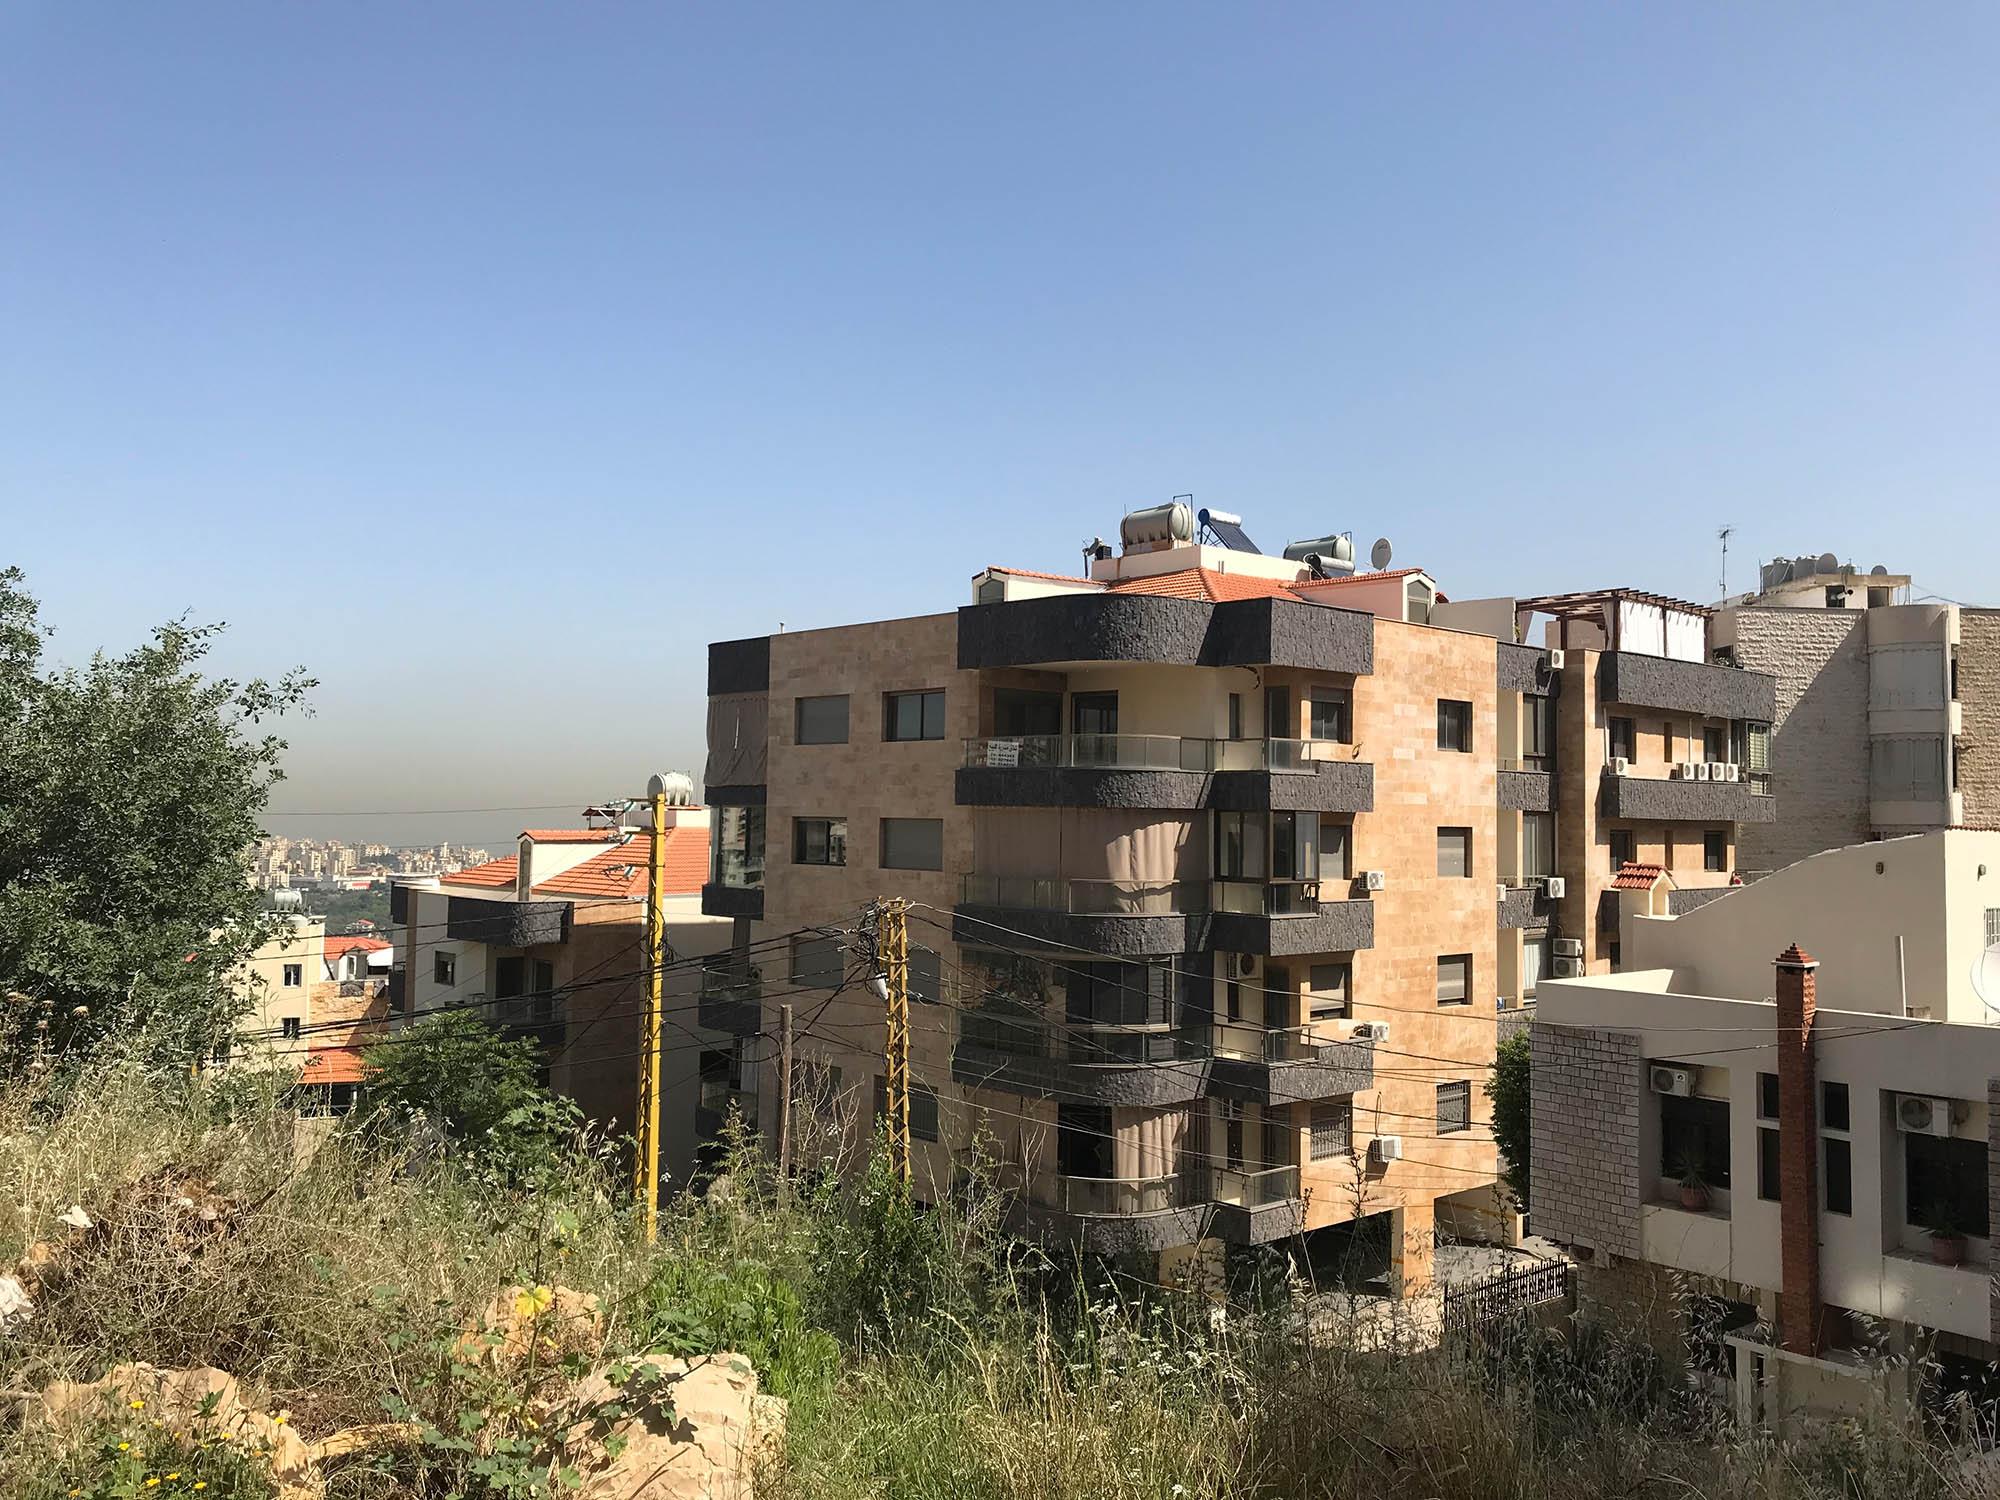 Наш дом в зоне Мэтн. Отсюда до Бейрута на машине 15 минут езды